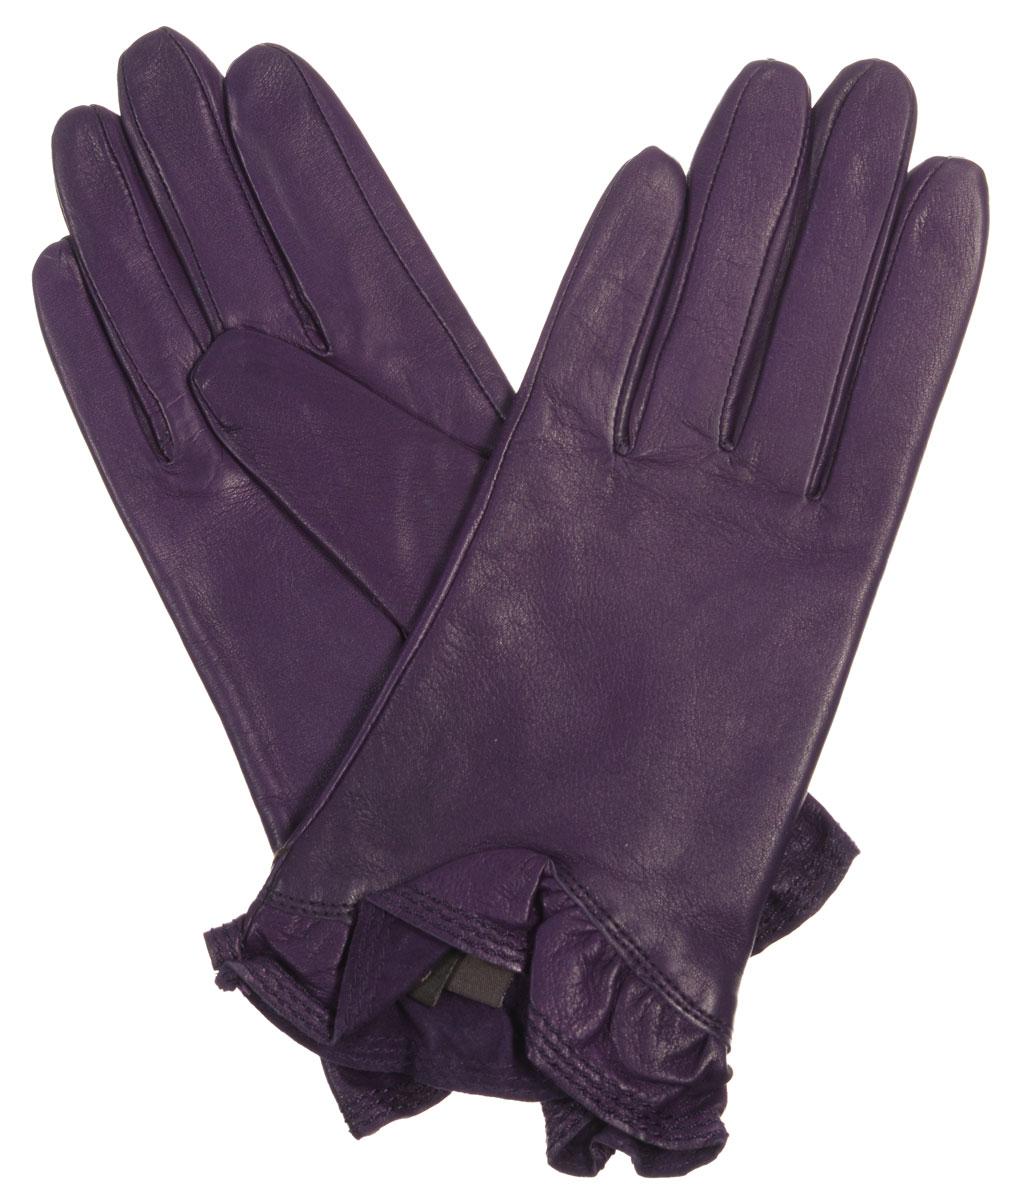 Перчатки женские Eleganzza, цвет: фиолетовый. IS01818. Размер 6,5IS01818Стильные женские перчатки Eleganzza выполнены из чрезвычайно мягкой и приятной на ощупь натуральной кожи ягненка, а их подкладка - из 100% шелка. Модель декорирована кожаной оборкой по краю манжеты. В настоящее время перчатки являются неотъемлемой принадлежностью одежды, вместе с этим аксессуаром вы обретаете женственность и элегантность. Они станут завершающим и подчеркивающим элементом вашего стиля и неповторимости.